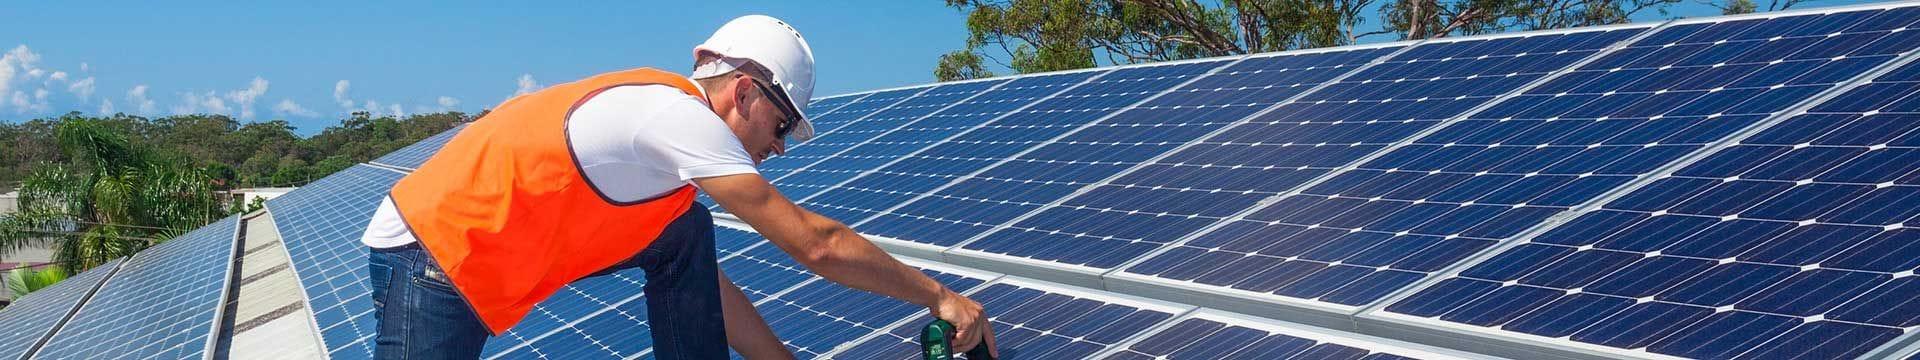 I Am Solar - Residential Solar Specialist QLD NSW